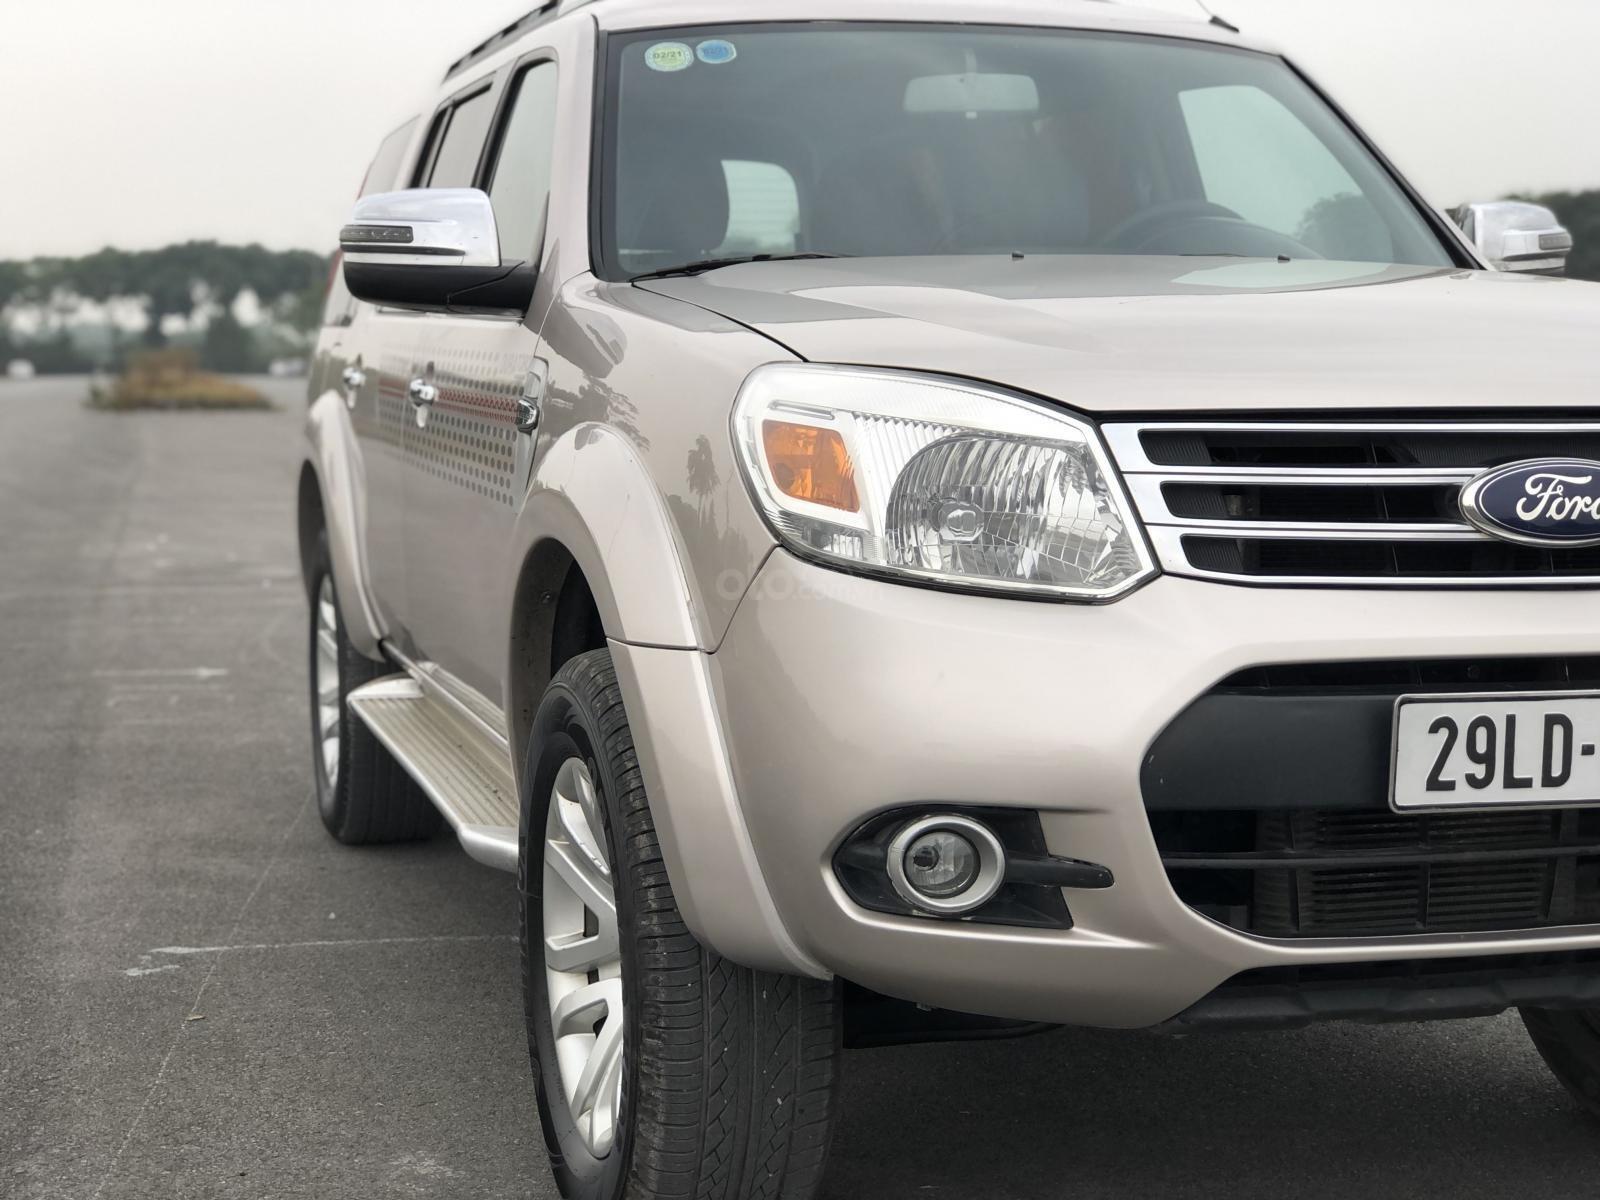 Ford Everest 2015 máy dầu số sàn, giá vô cùng hợp lý (7)